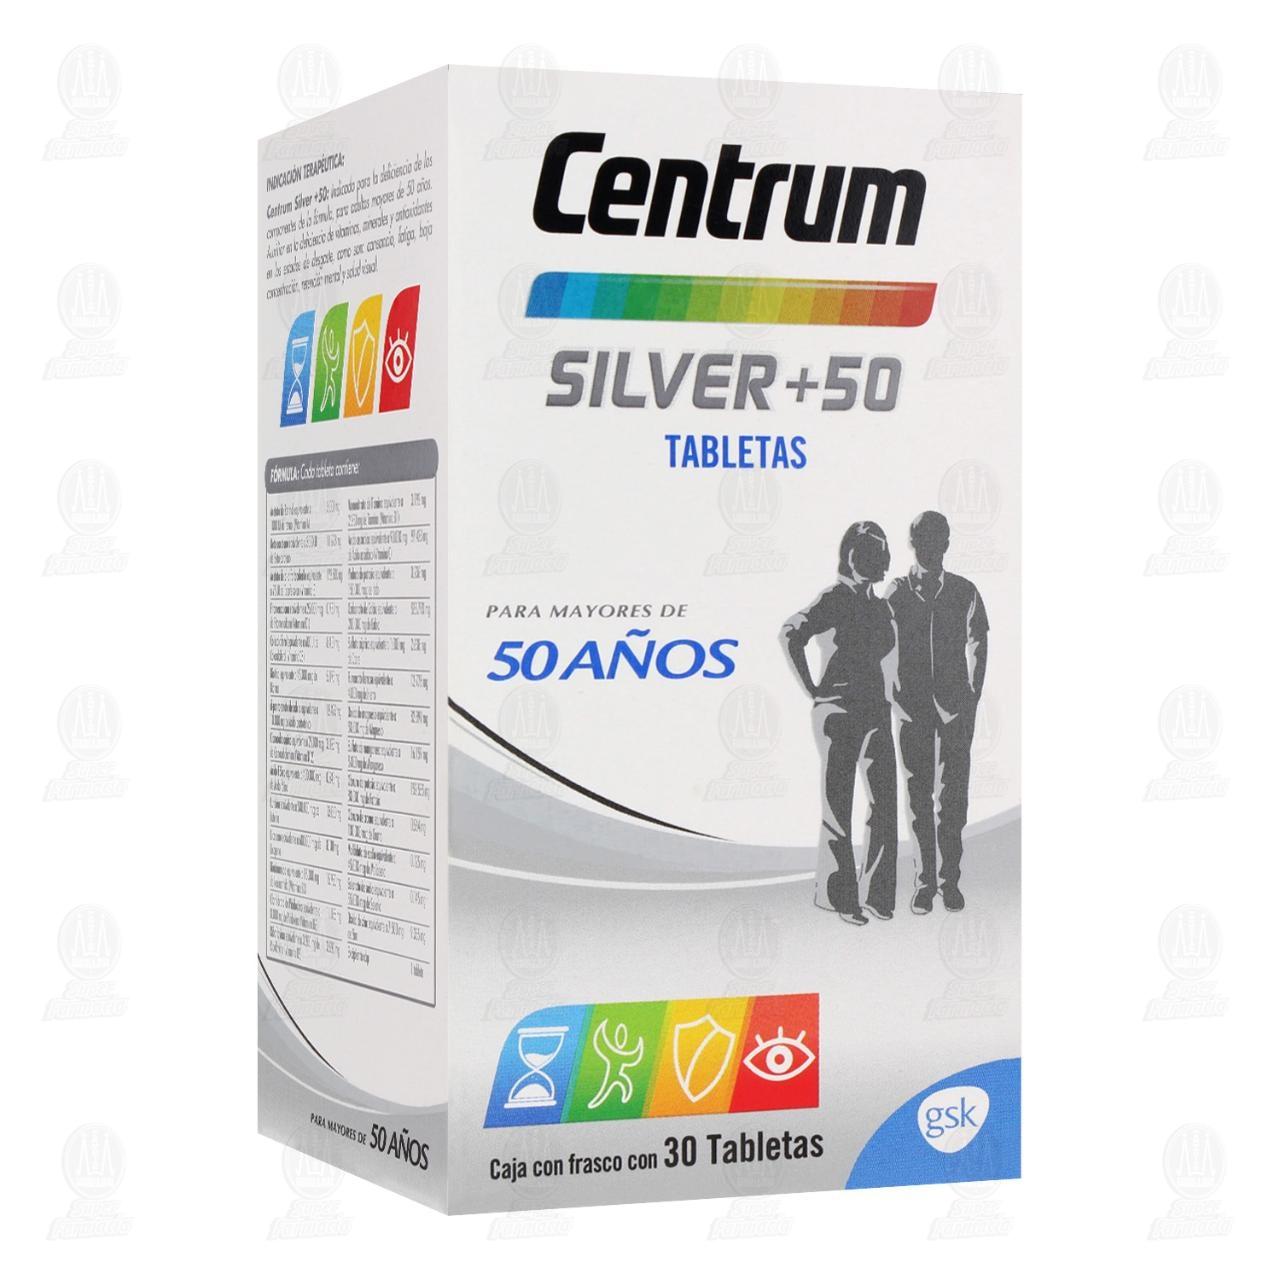 Comprar Centrum Silver +50 Multivitamínico 30 Tabletas en Farmacias Guadalajara